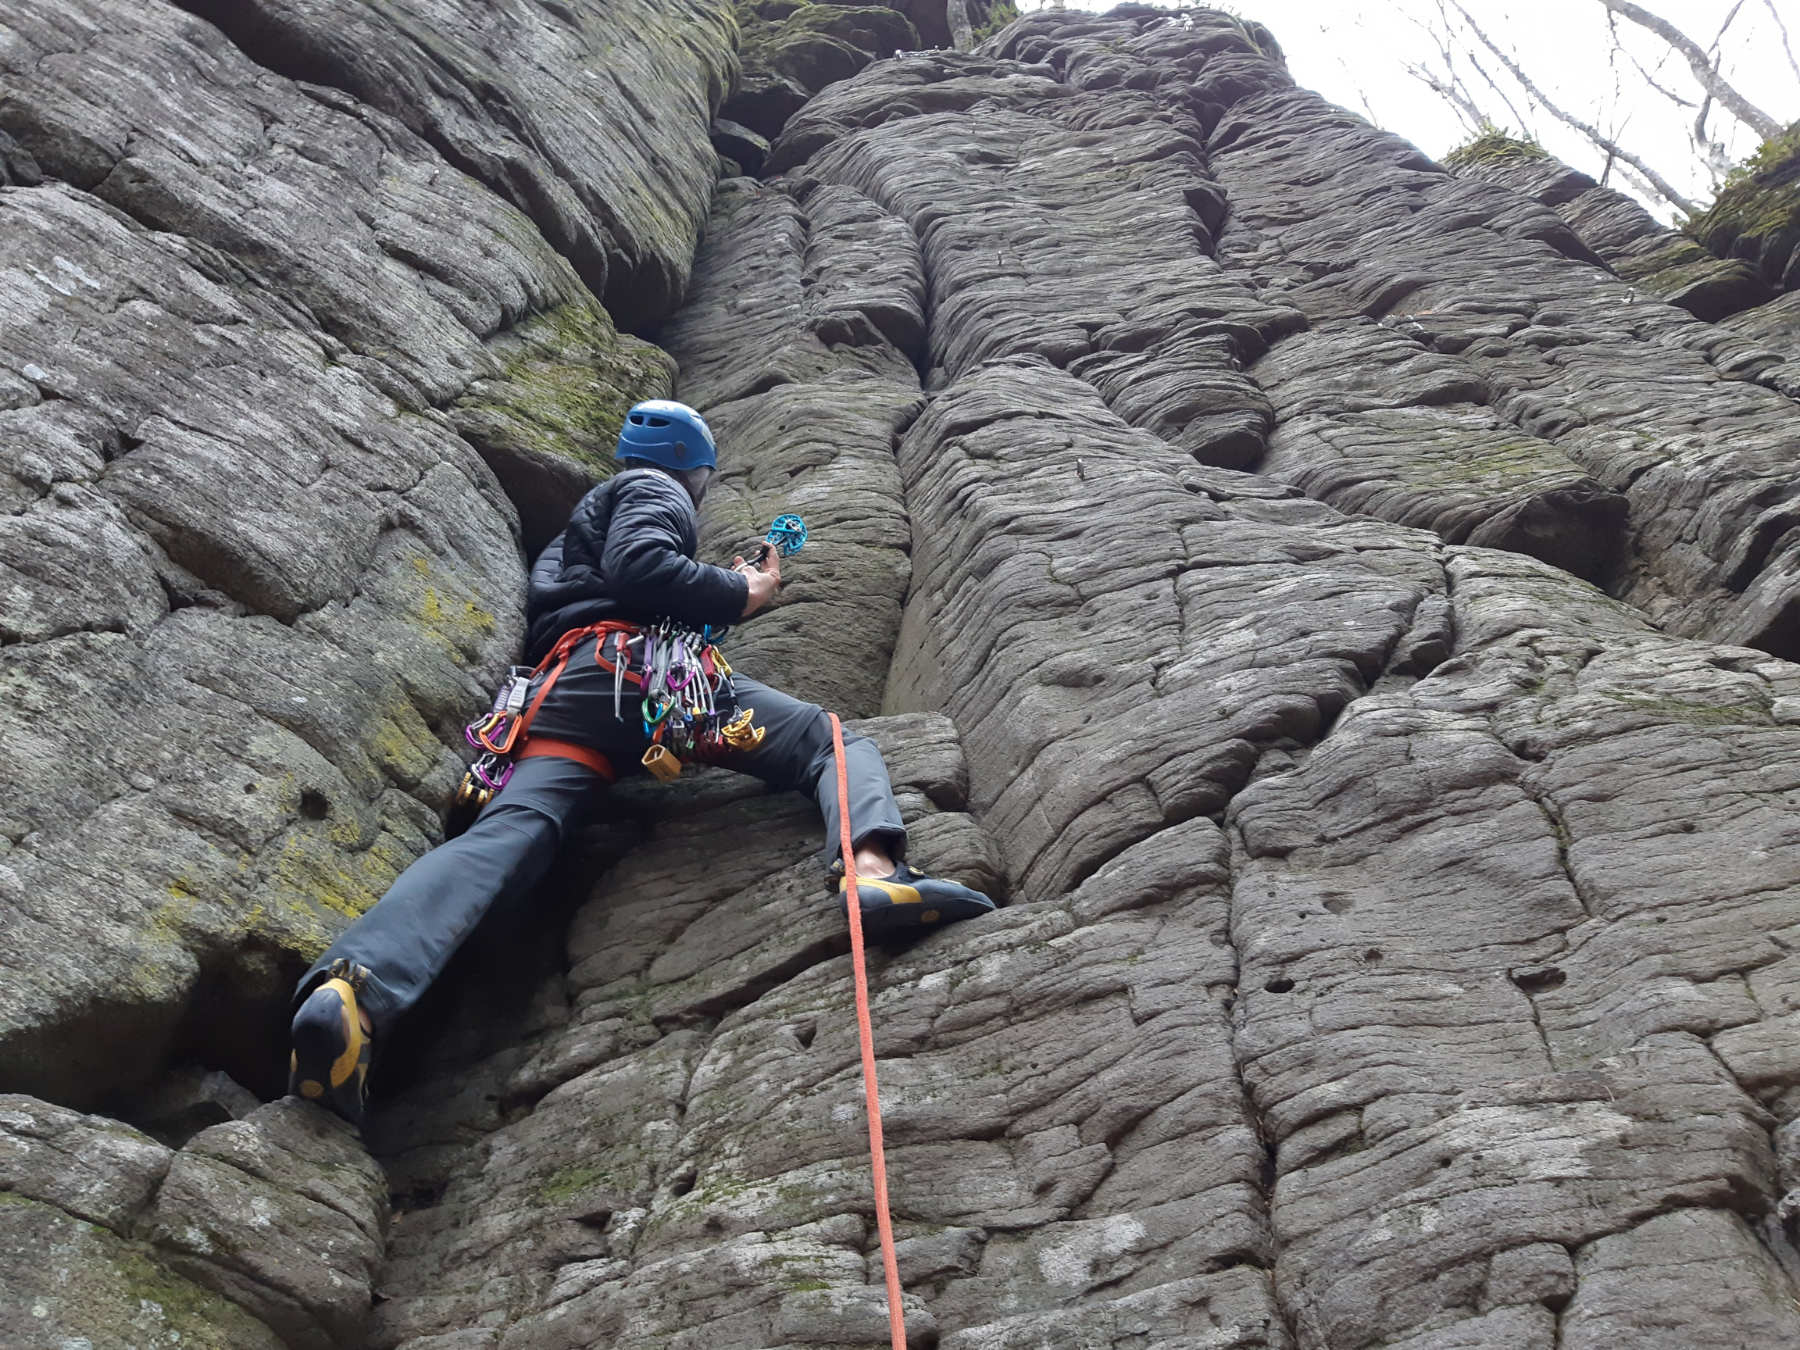 kalamarka trad climbing